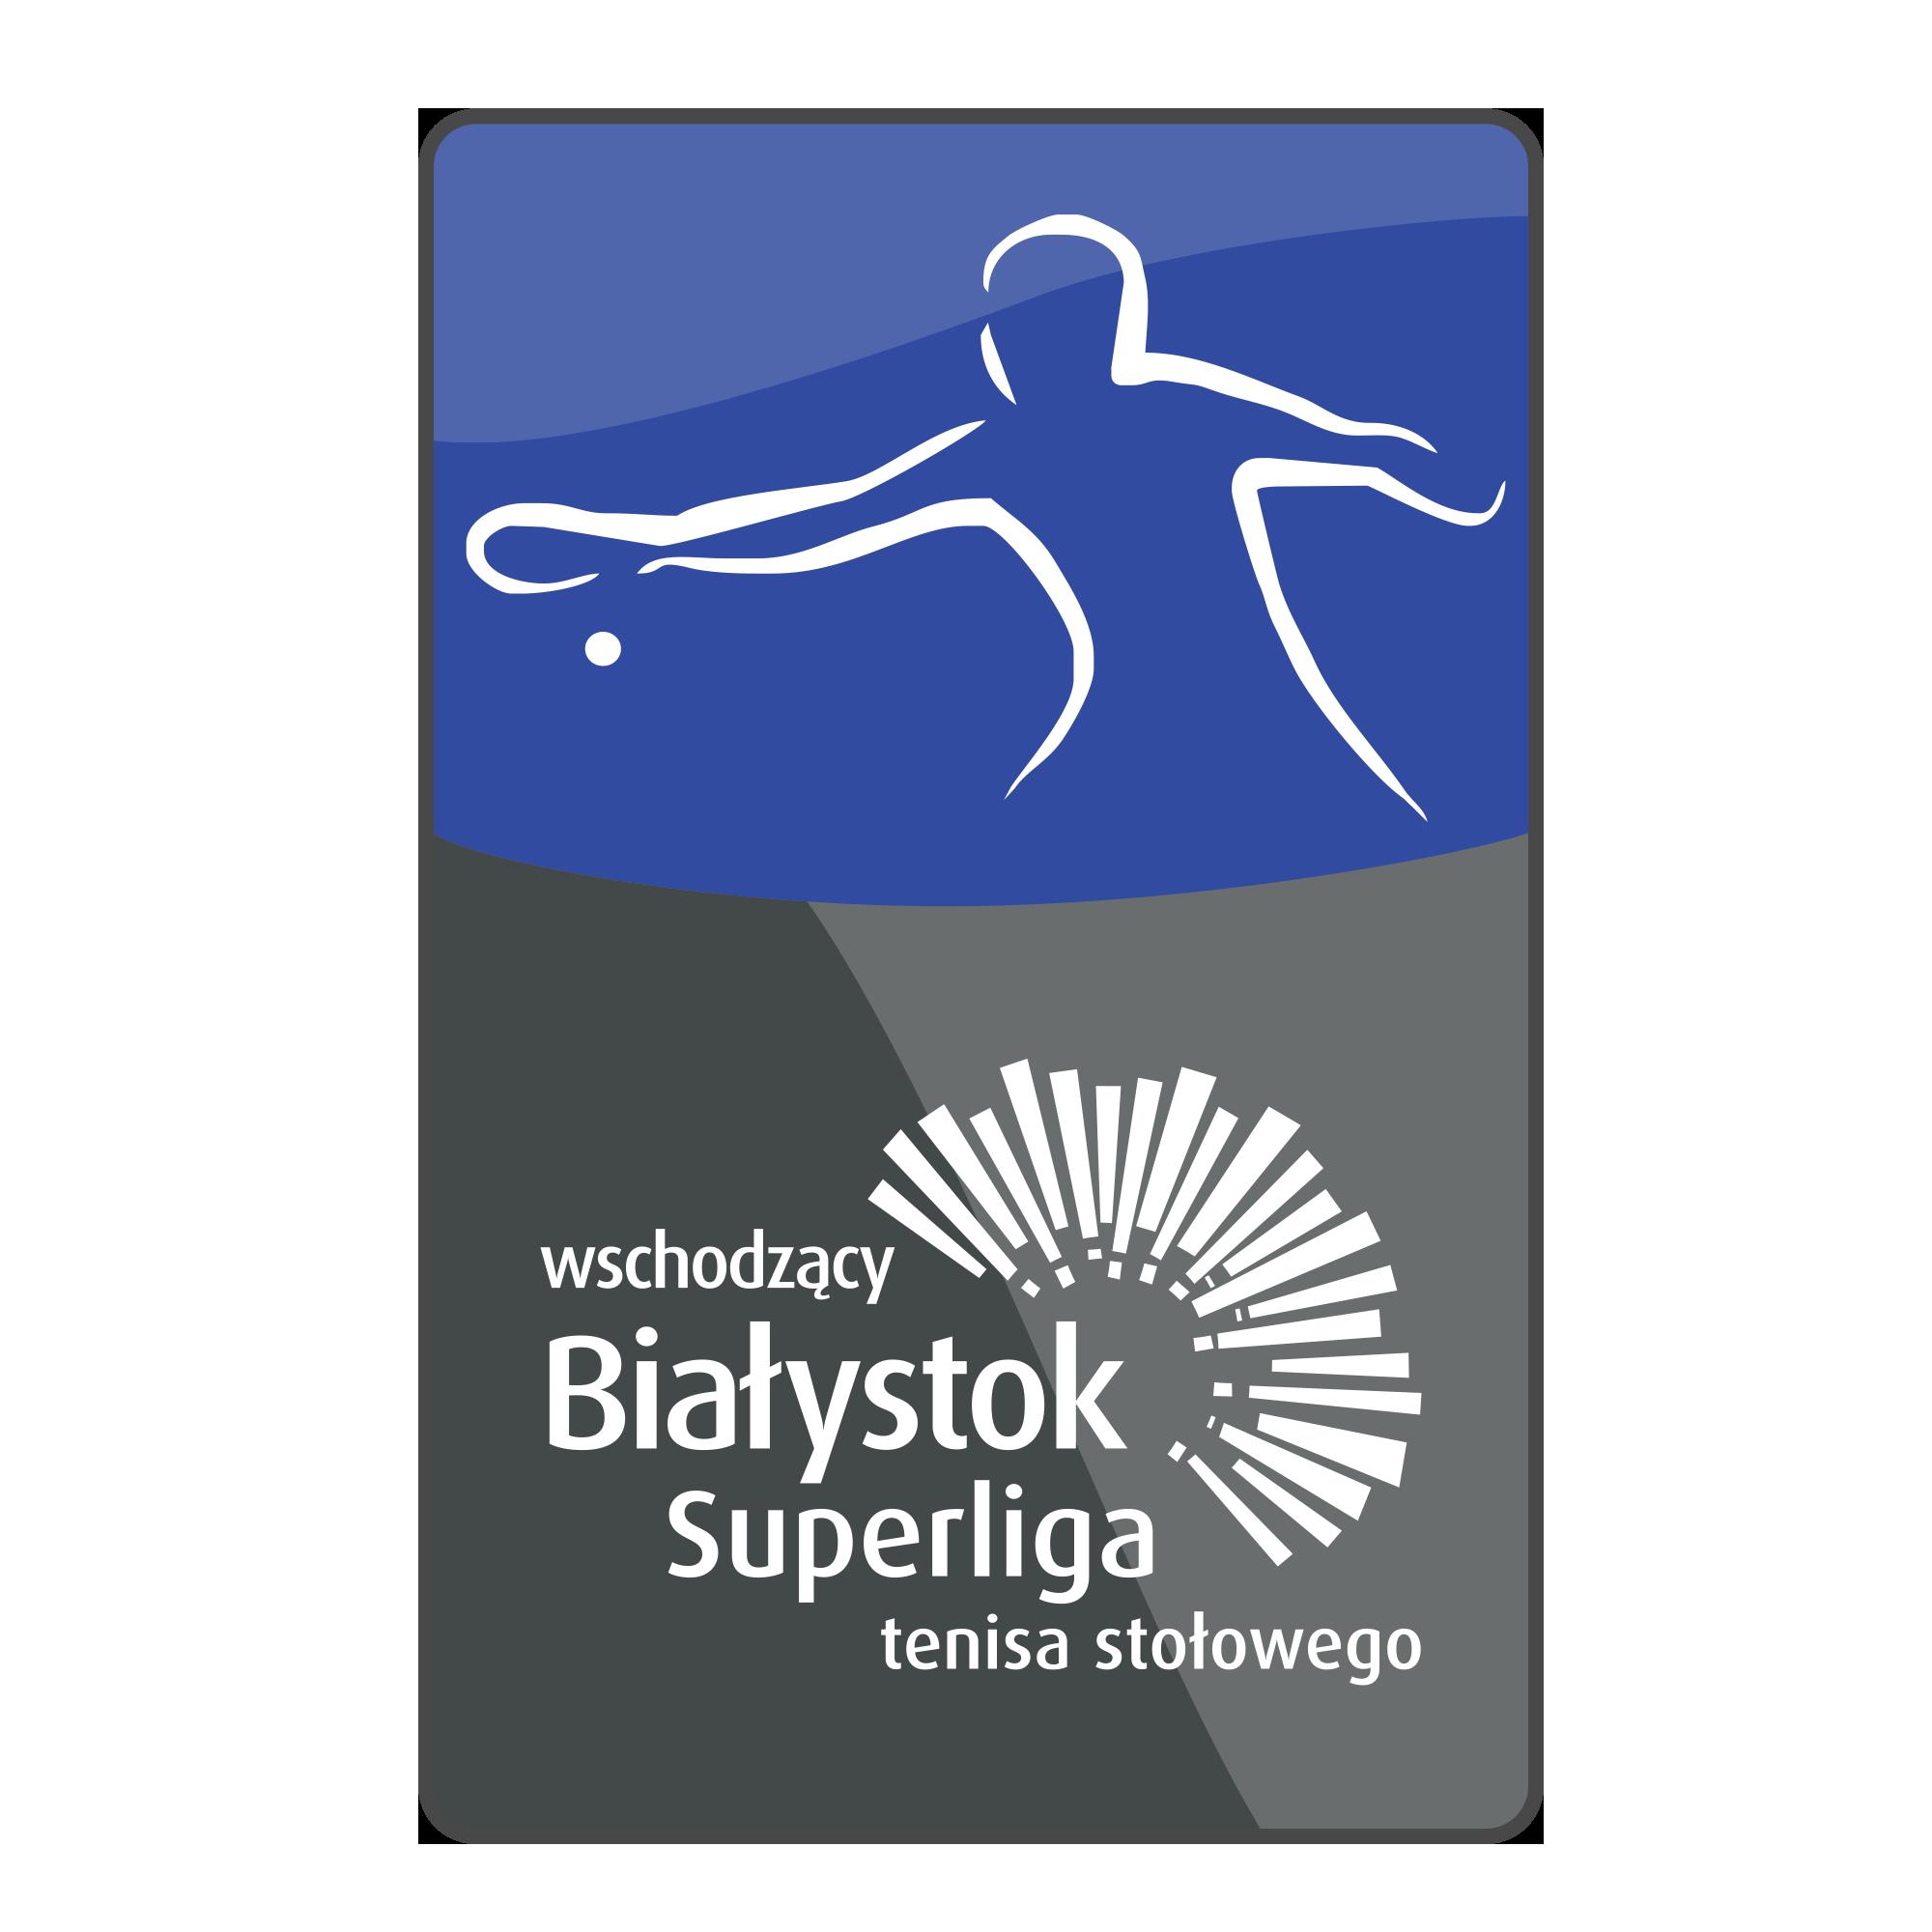 19. Kolejka Wschodzący Białystok Superligi